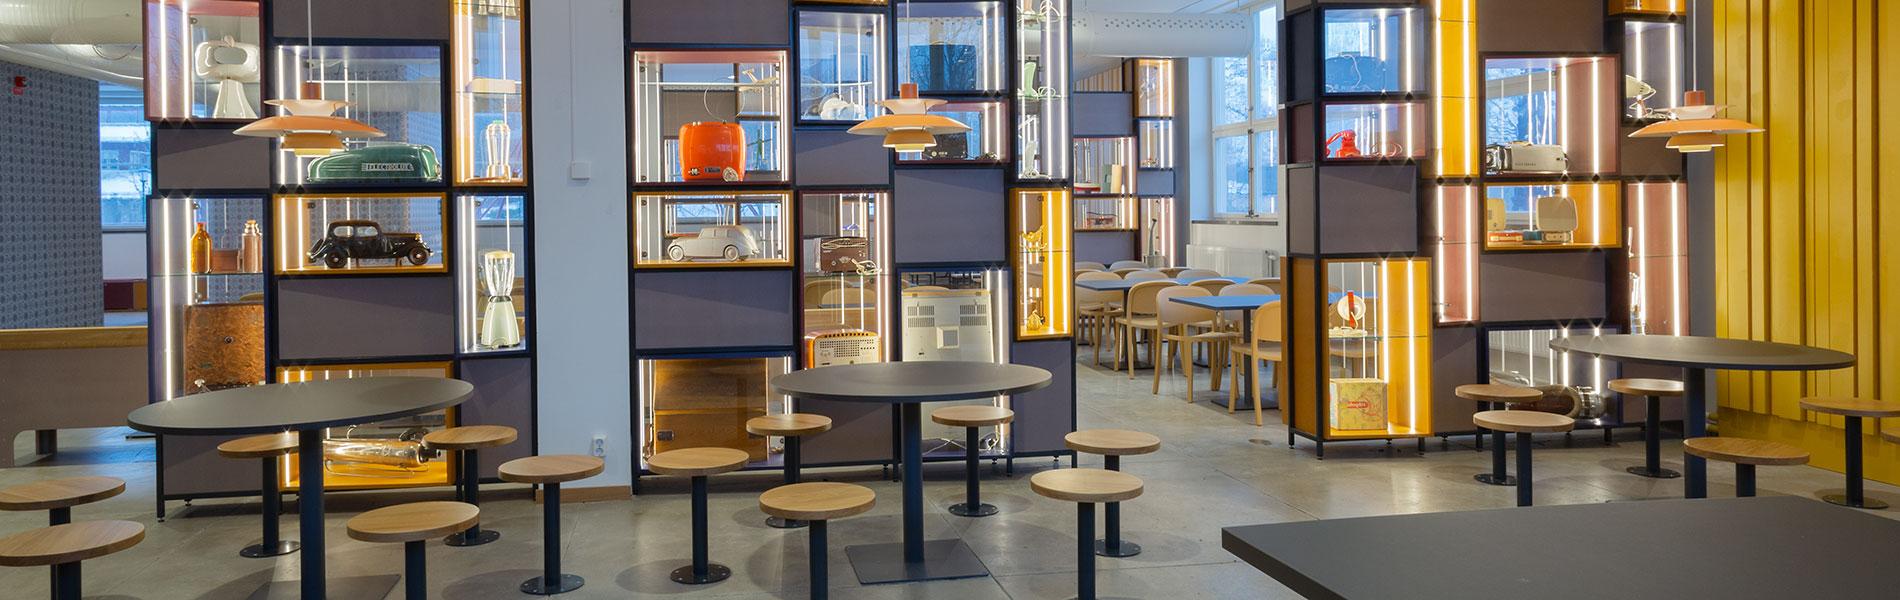 Ljust och fräscht matsäcksrum med spännande föremål